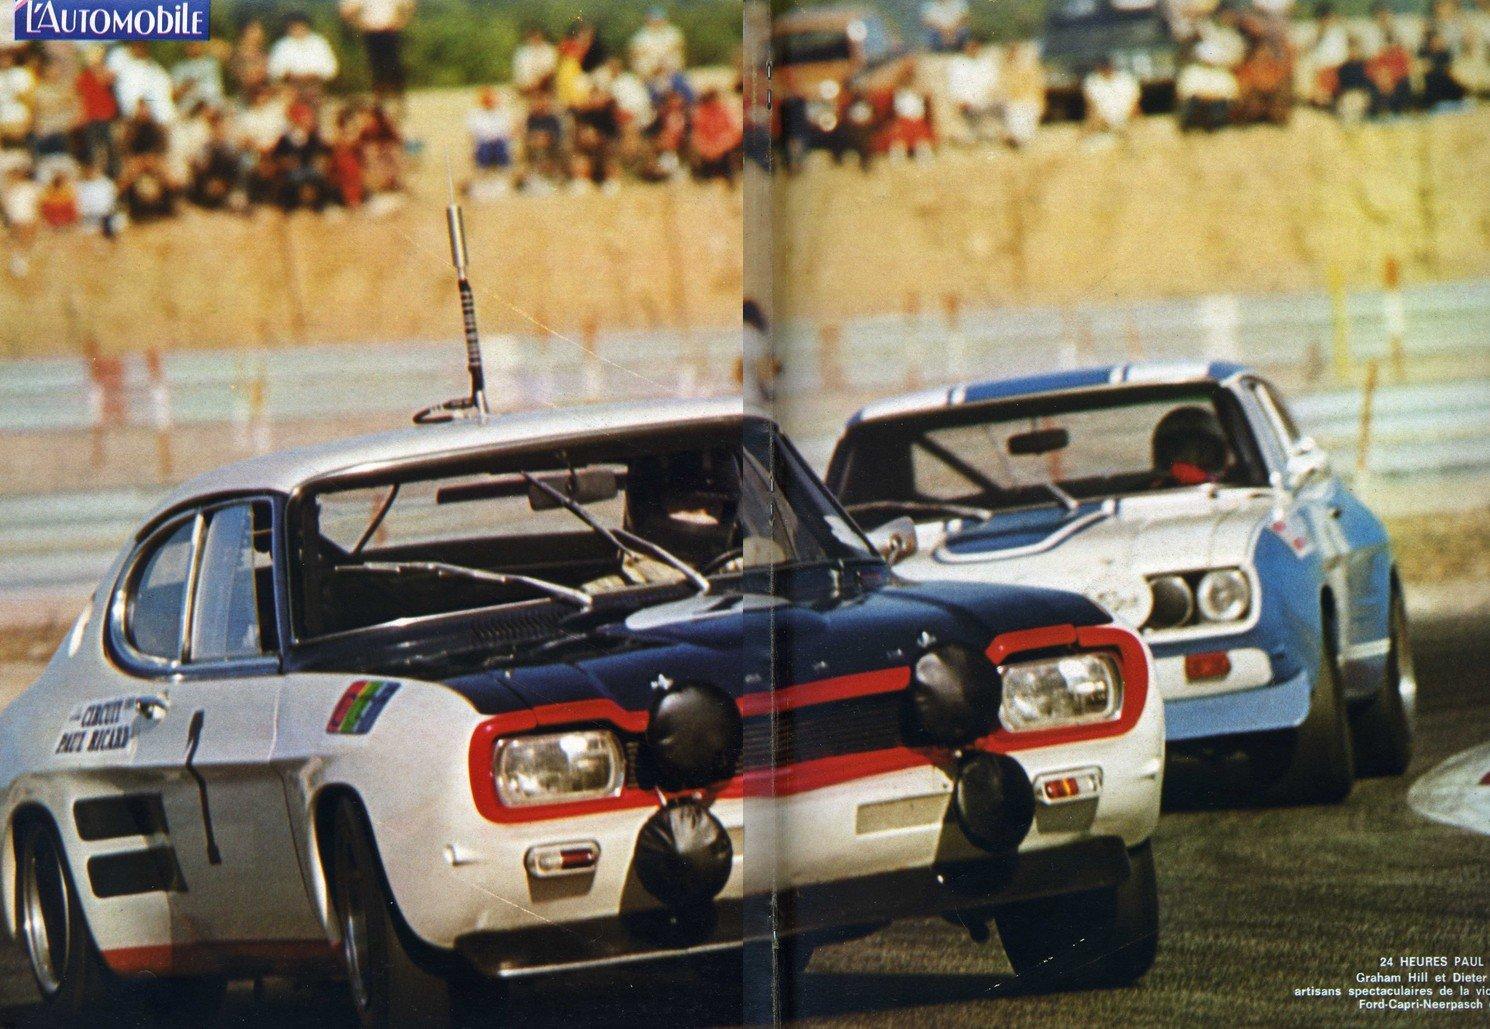 capri-duel dans 1) 1970 à 1990, la légende